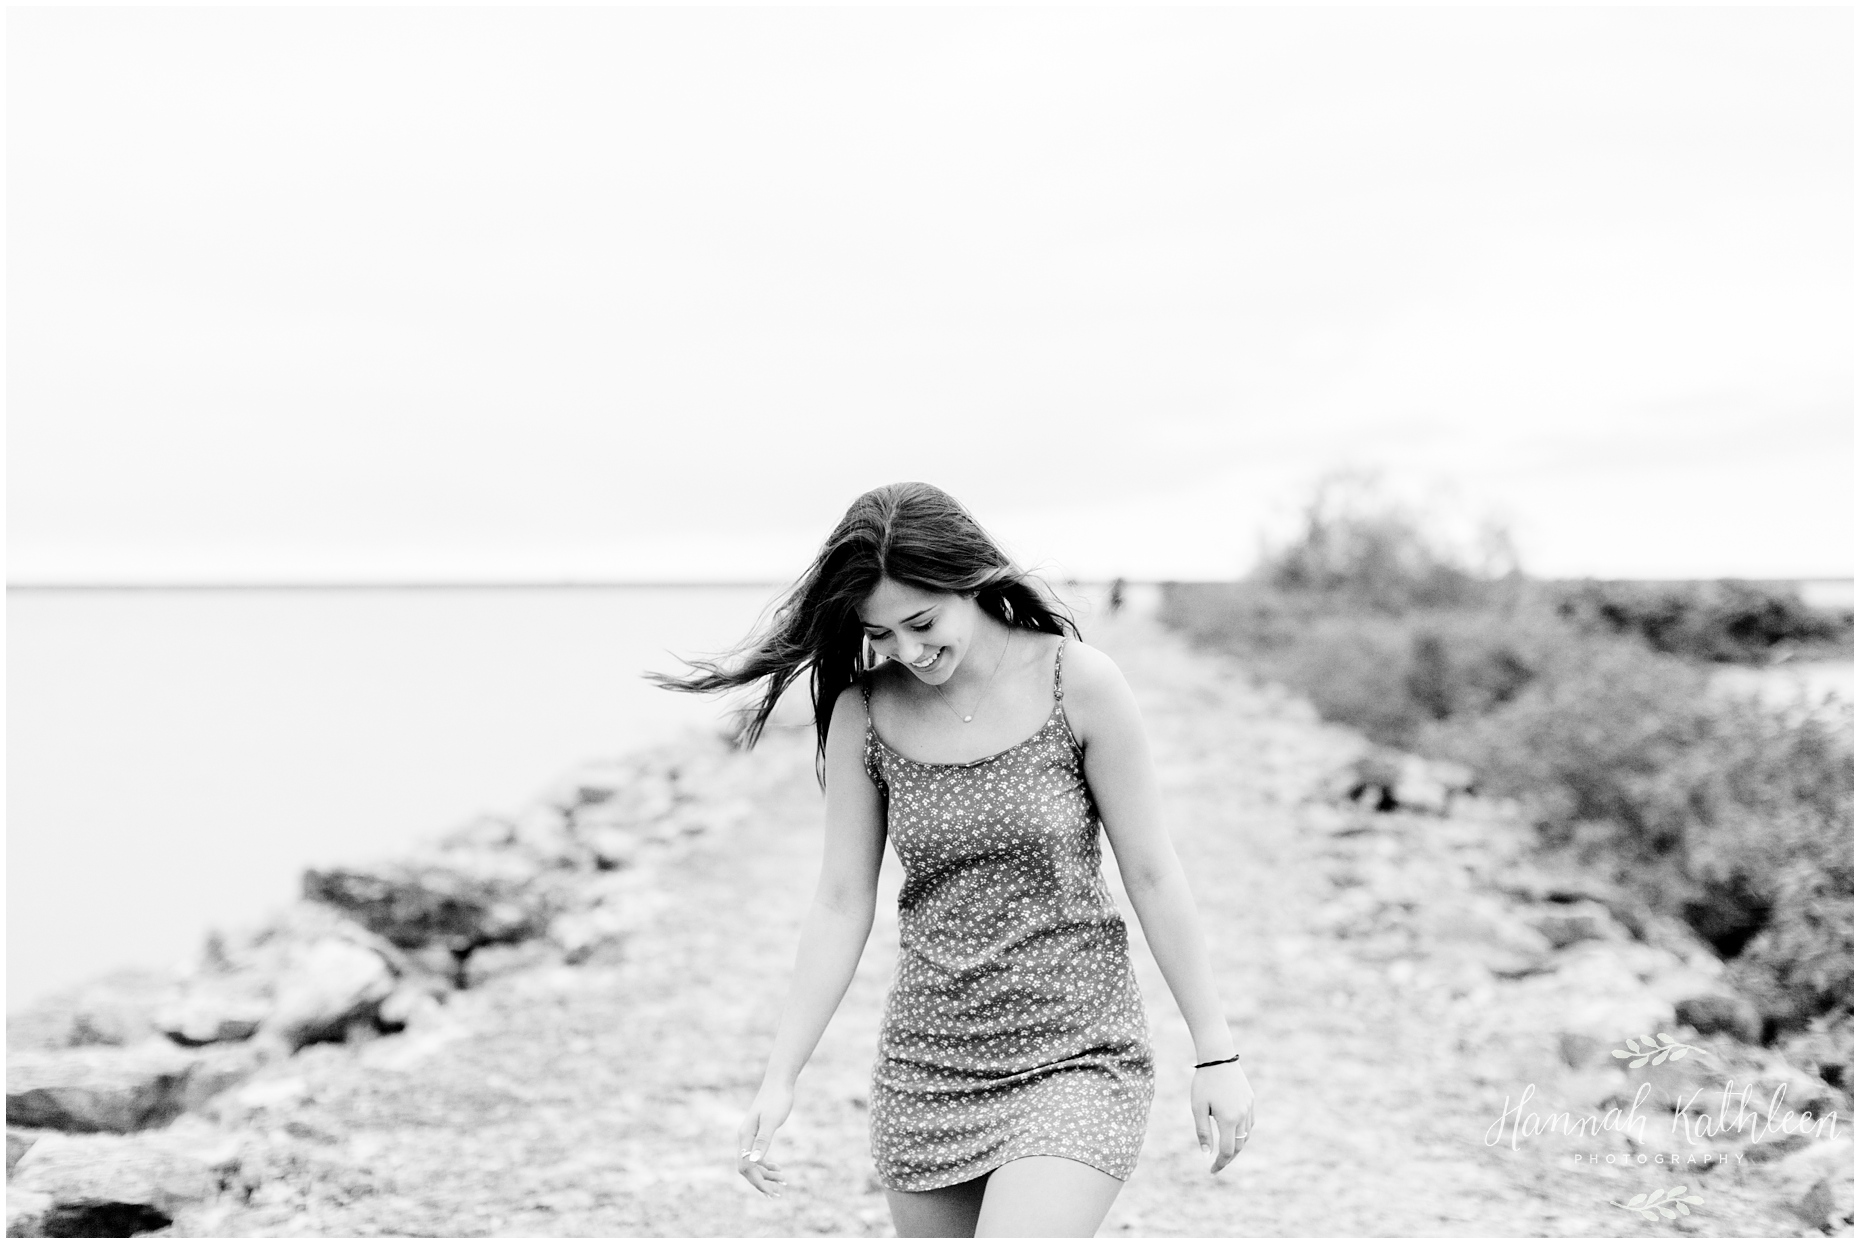 Aly_Senior_Photography_Outdoor_Beach_Lake_Erie_Photos_Buffalo_New_York